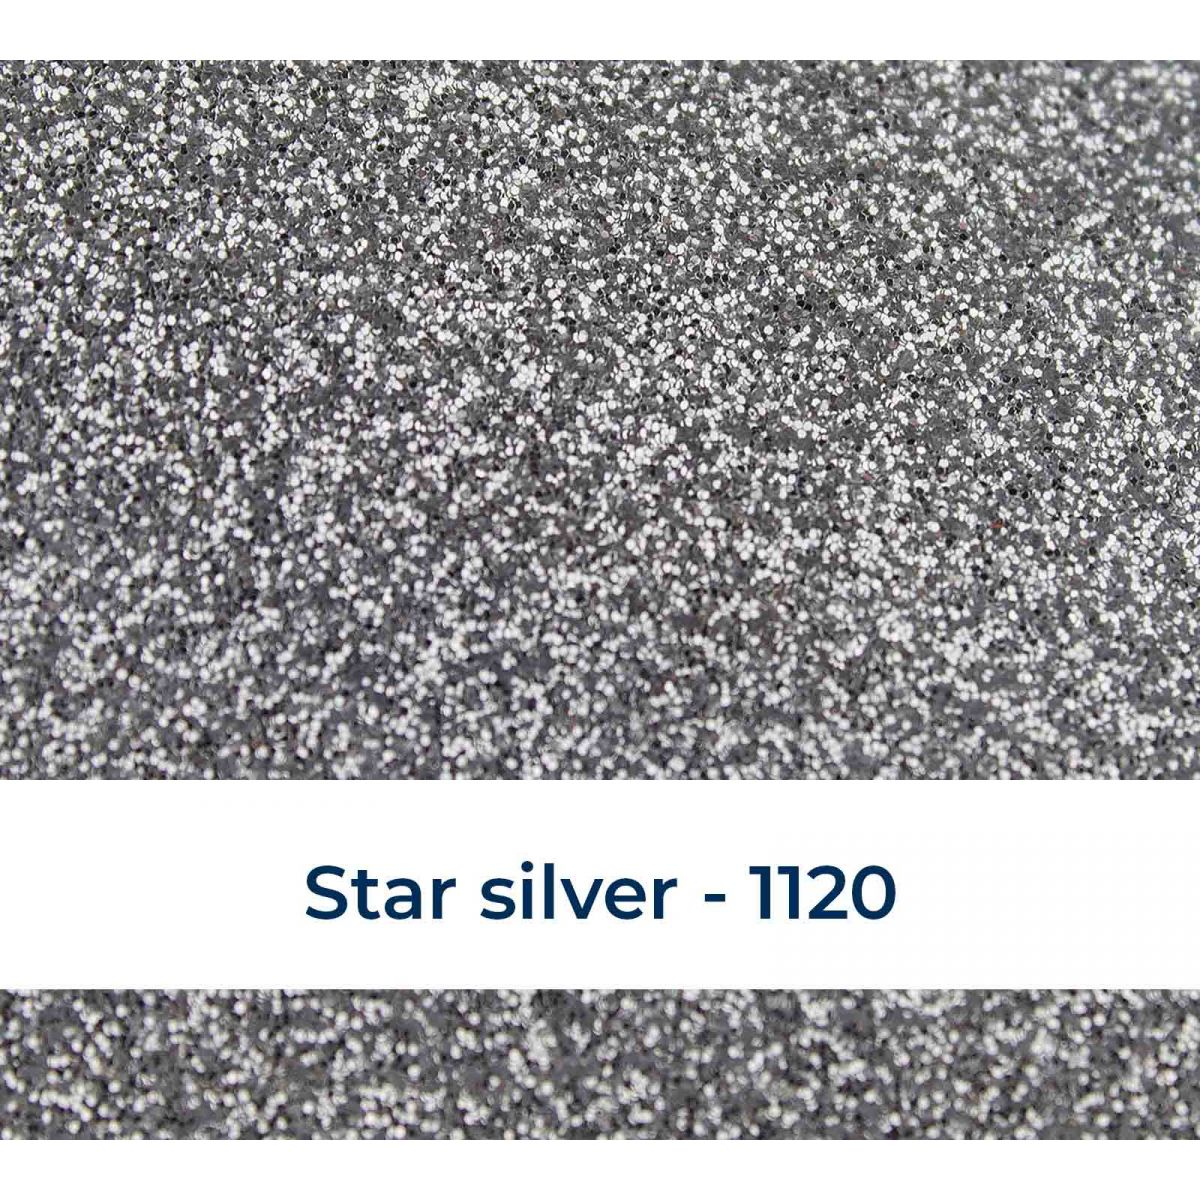 Bling-Bling Star silver 1120